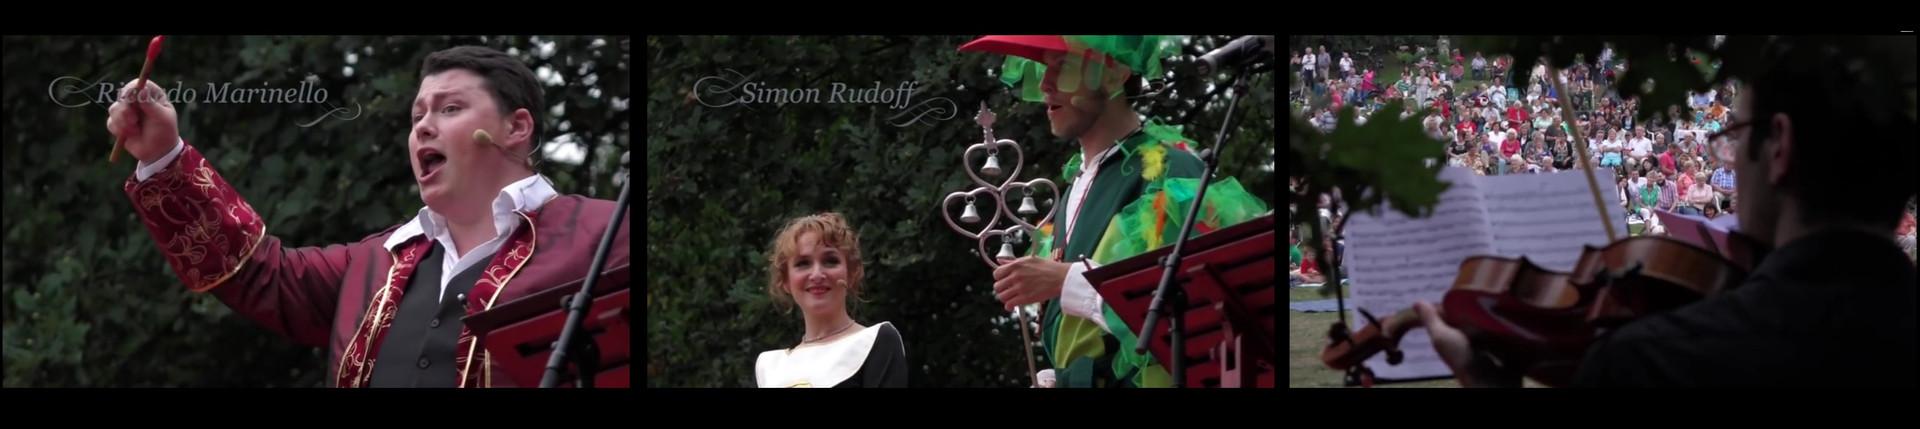 Oper in Kaarst | Stiftung München